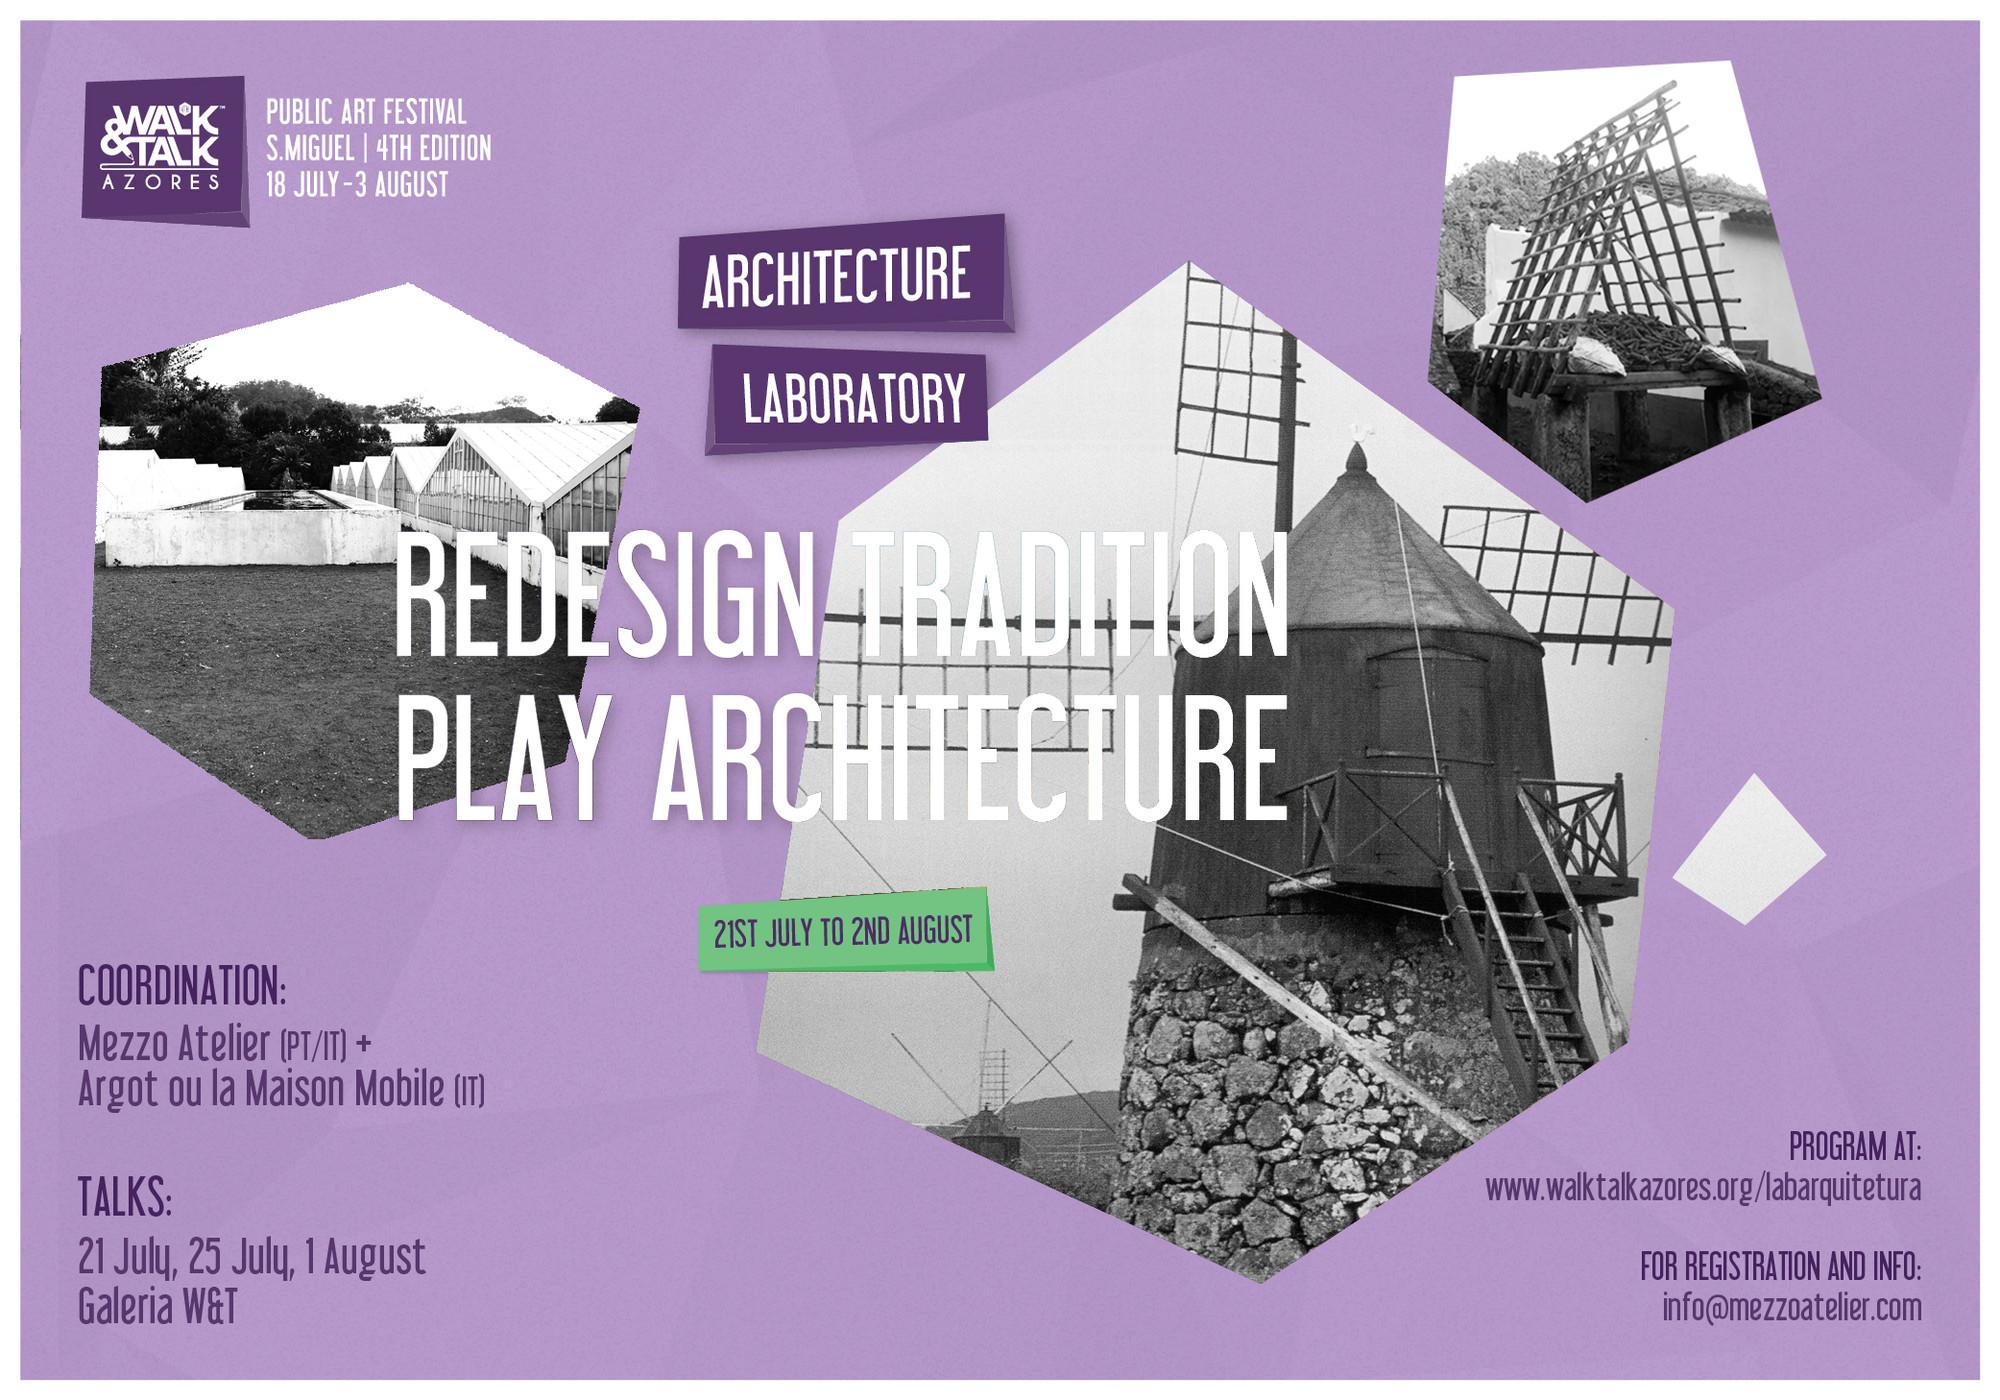 Laboratório Prático de Arquitetura: Redesign Tradition / Play Architecture